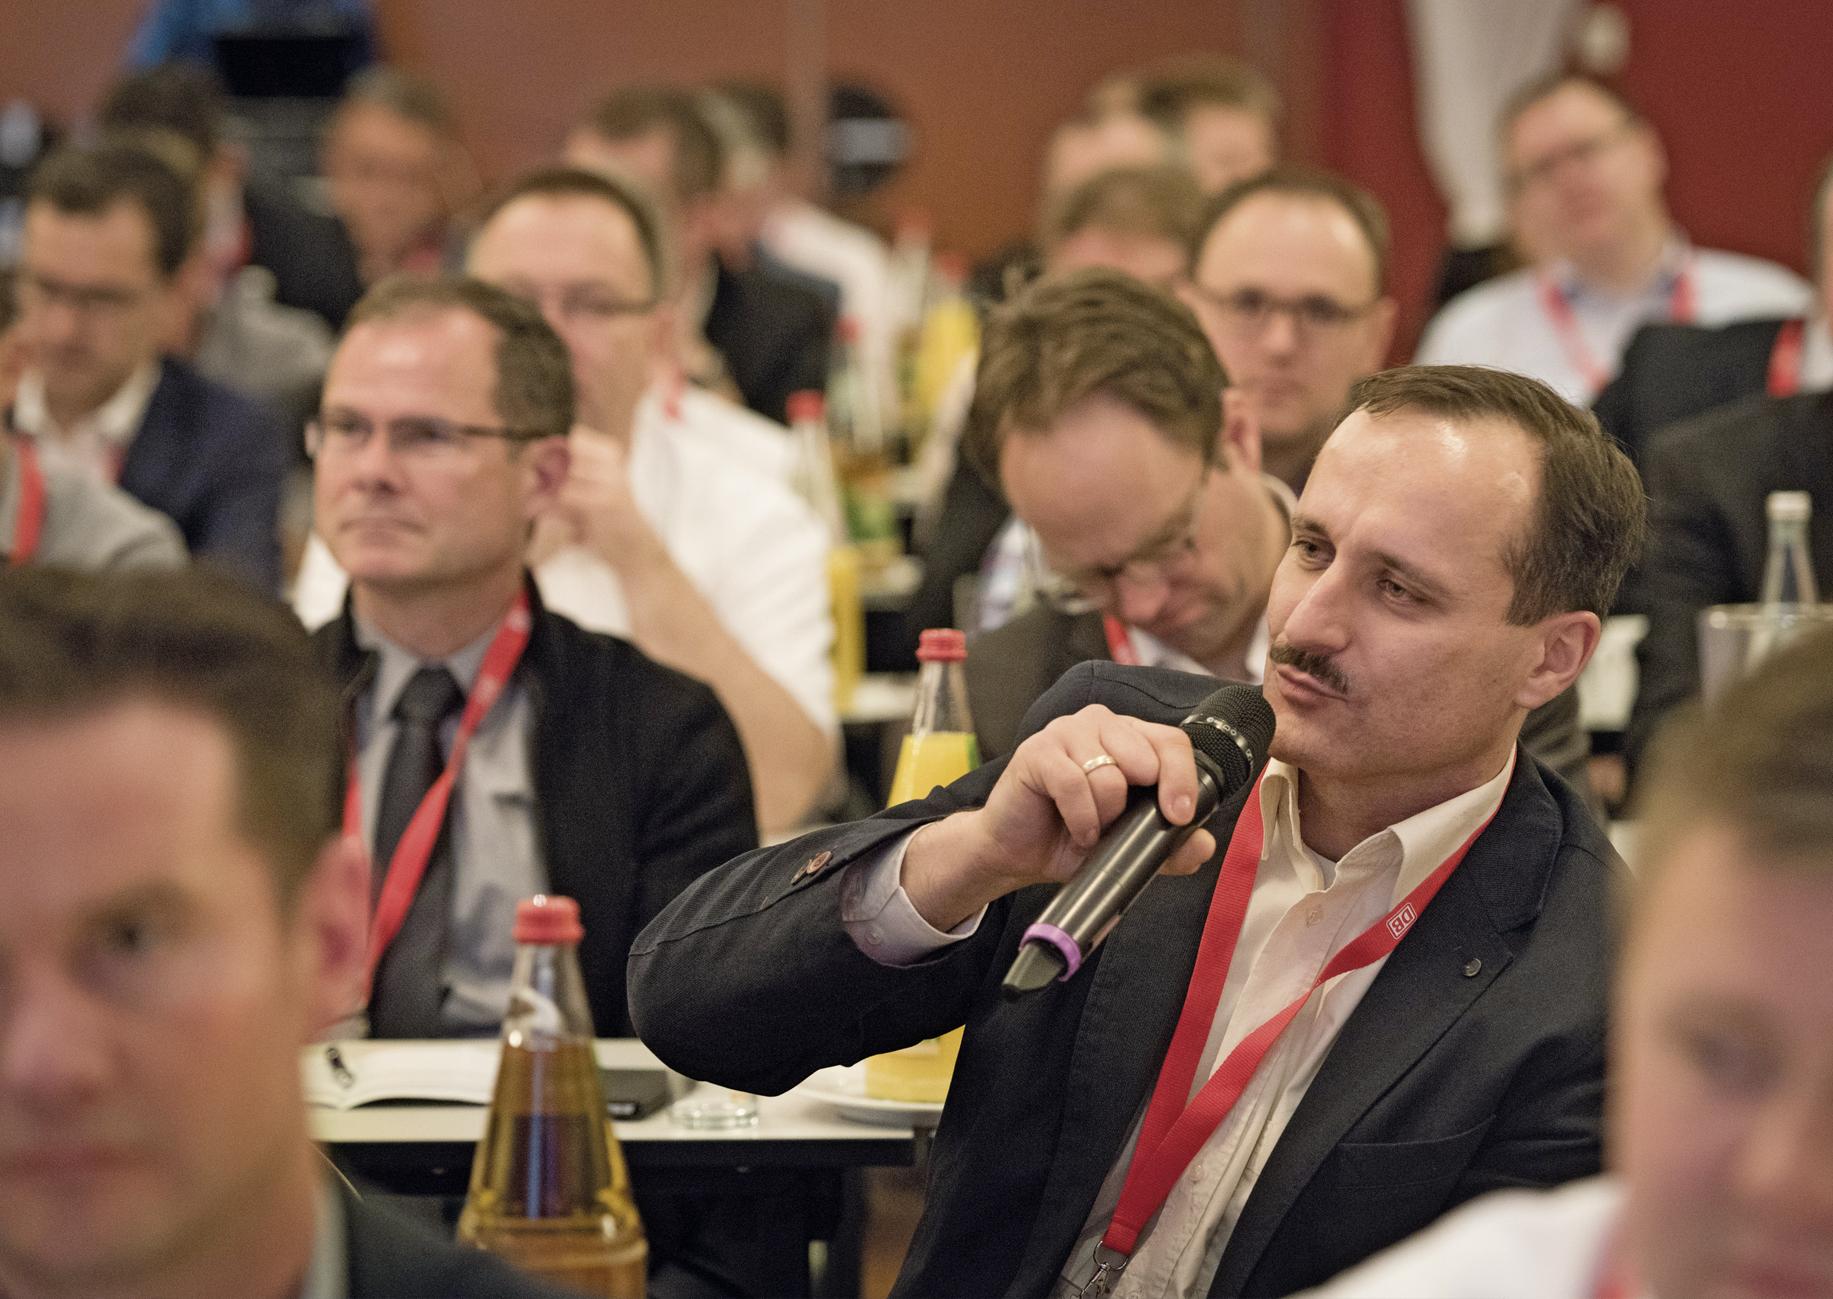 Teilnehmer auf einem DB-Fachkongress mit Mikrofon